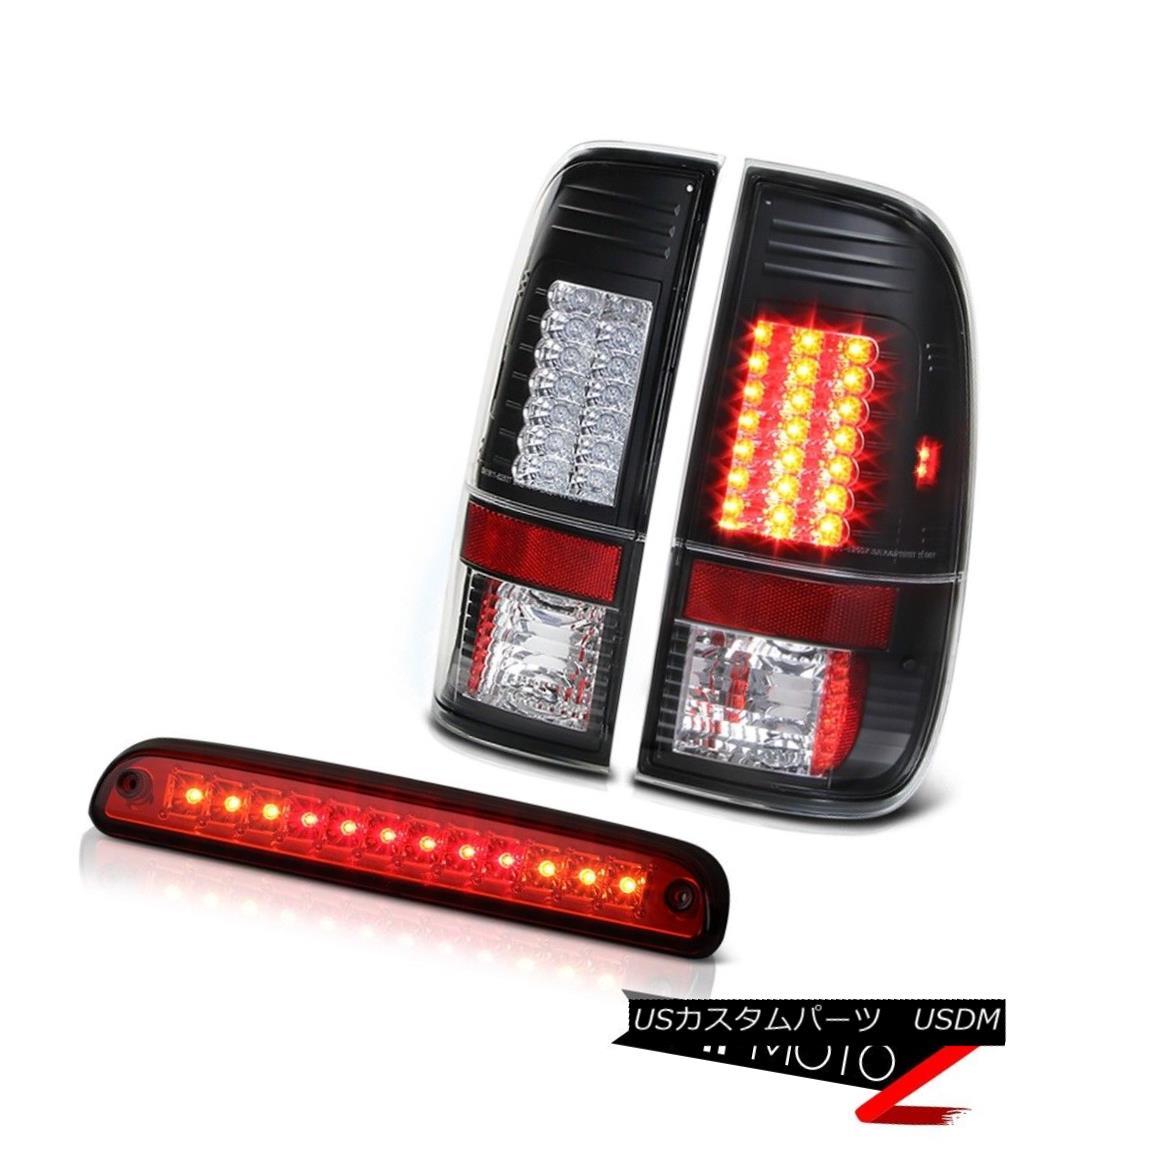 テールライト 1999-2004 F250 XLT ~BRIGHT~ LED Nighthawk Black Taillamp Third Brake Light Red 1999-2004 F250 XLT?BRIGHT?LED Nighthawk Black Taillamp Thirdブレーキライトレッド